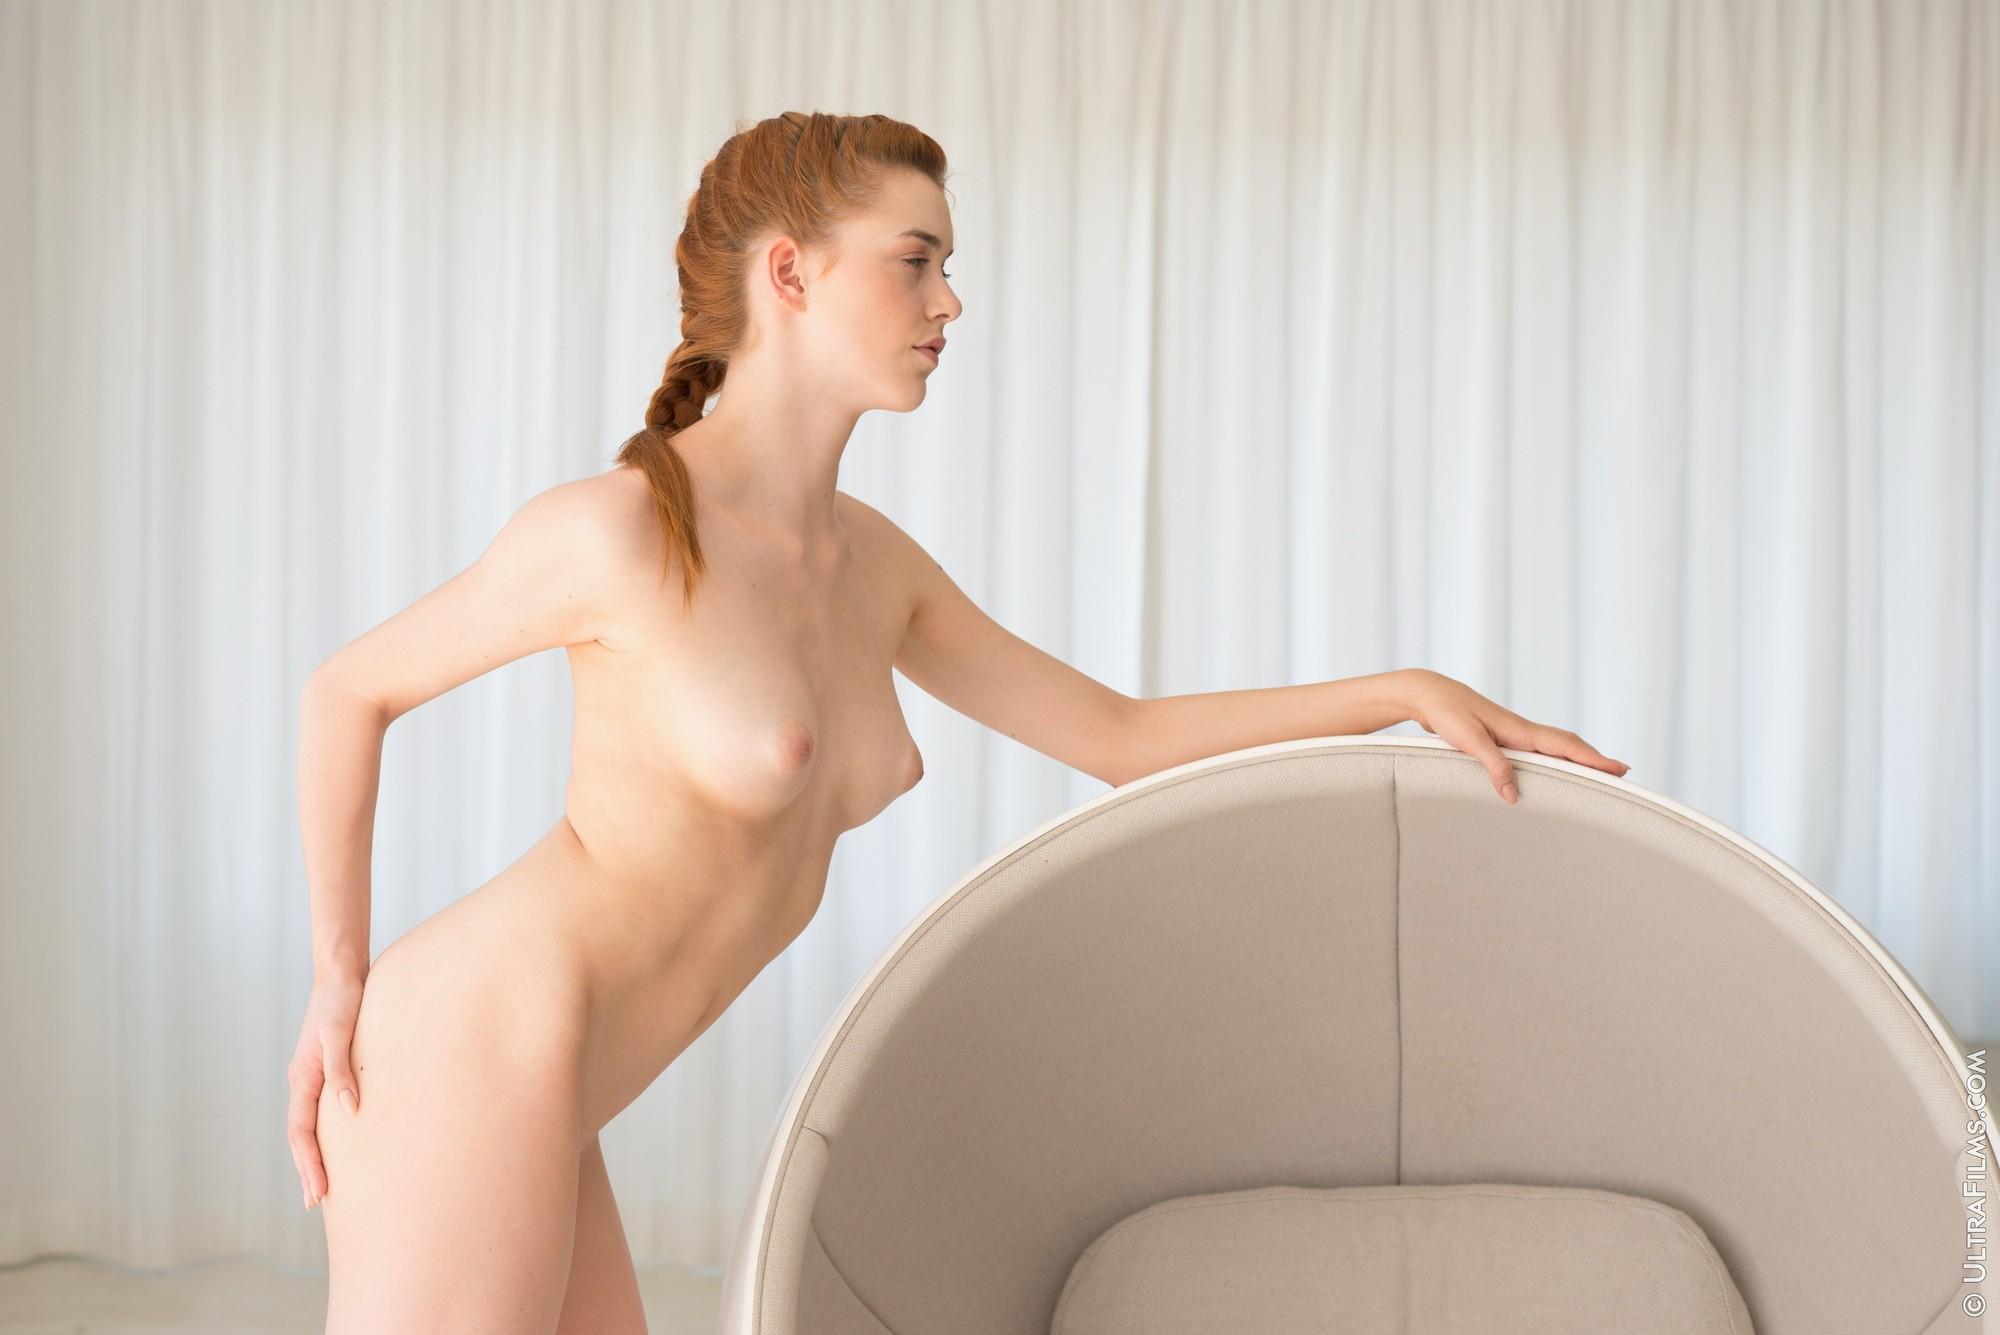 Рыжая девица раздвинула рогатку в кресле - фото